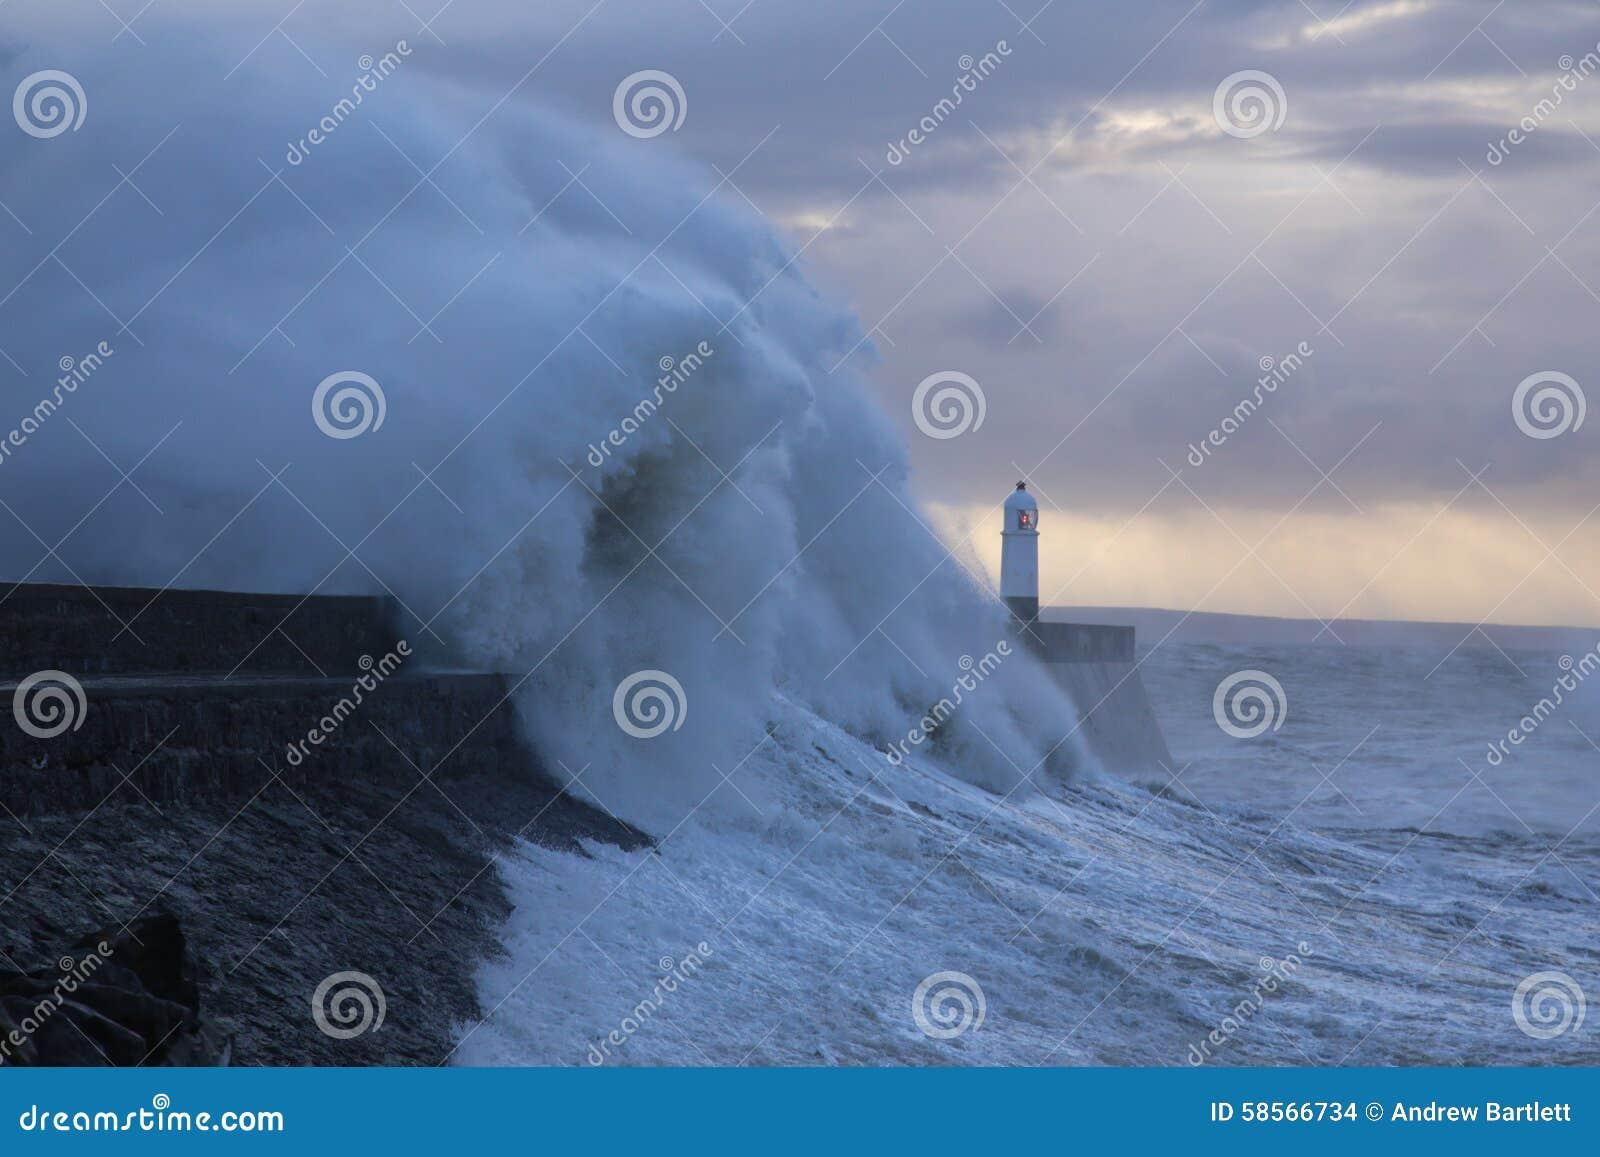 在波斯考尔灯塔,南威尔士,英国的多暴风雨的天气